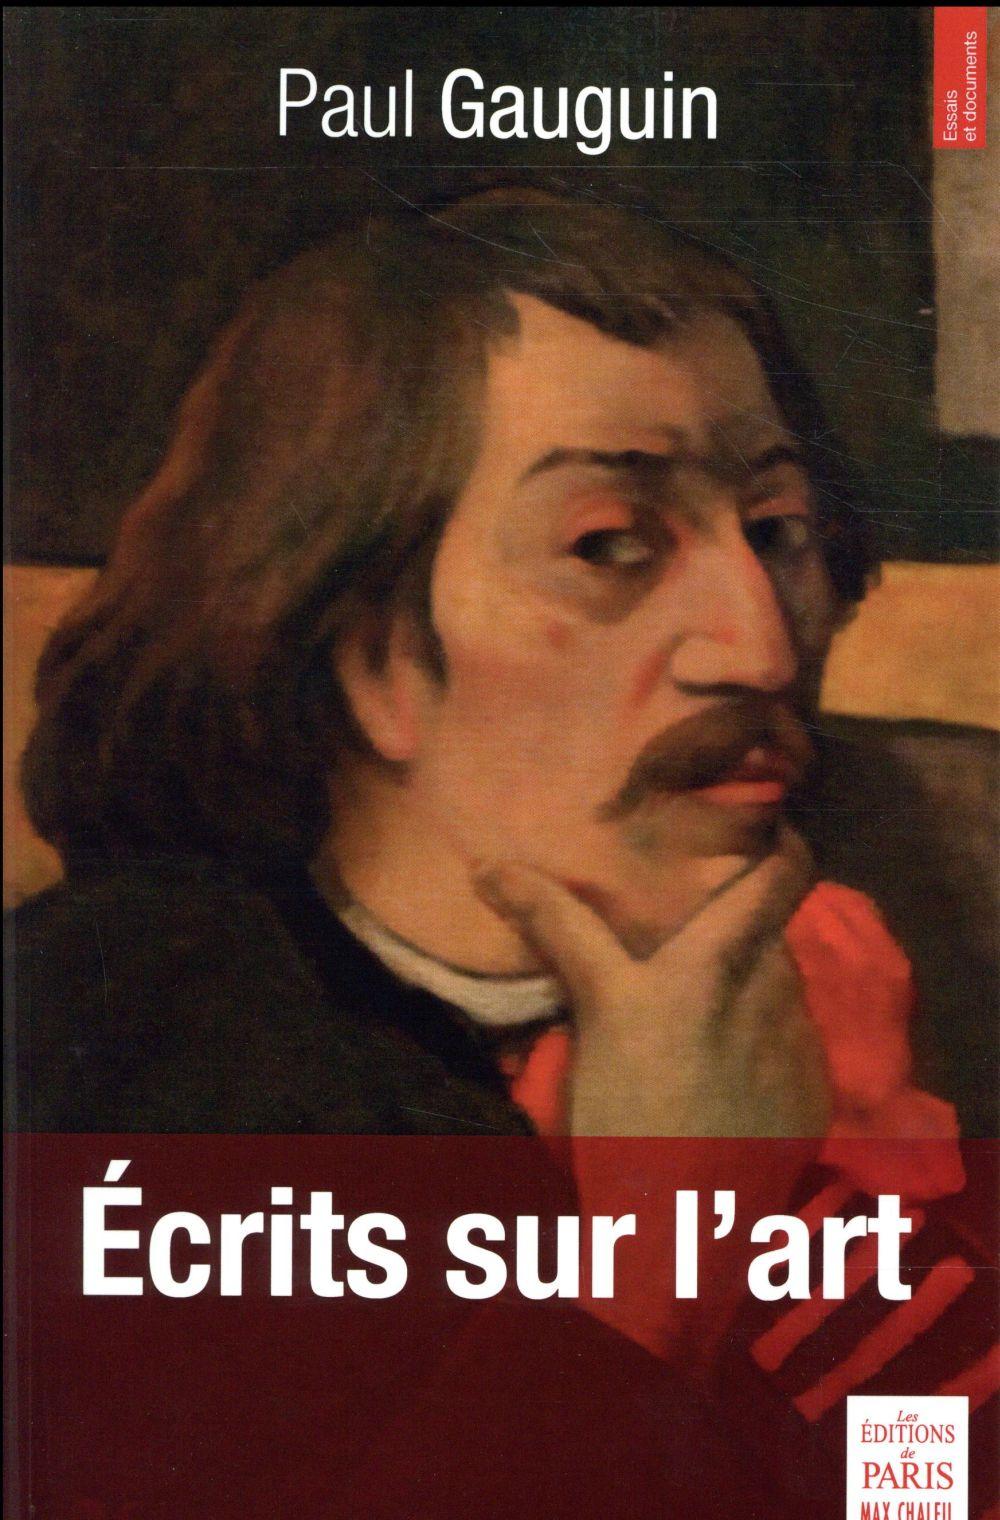 ECRITS SUR L'ART